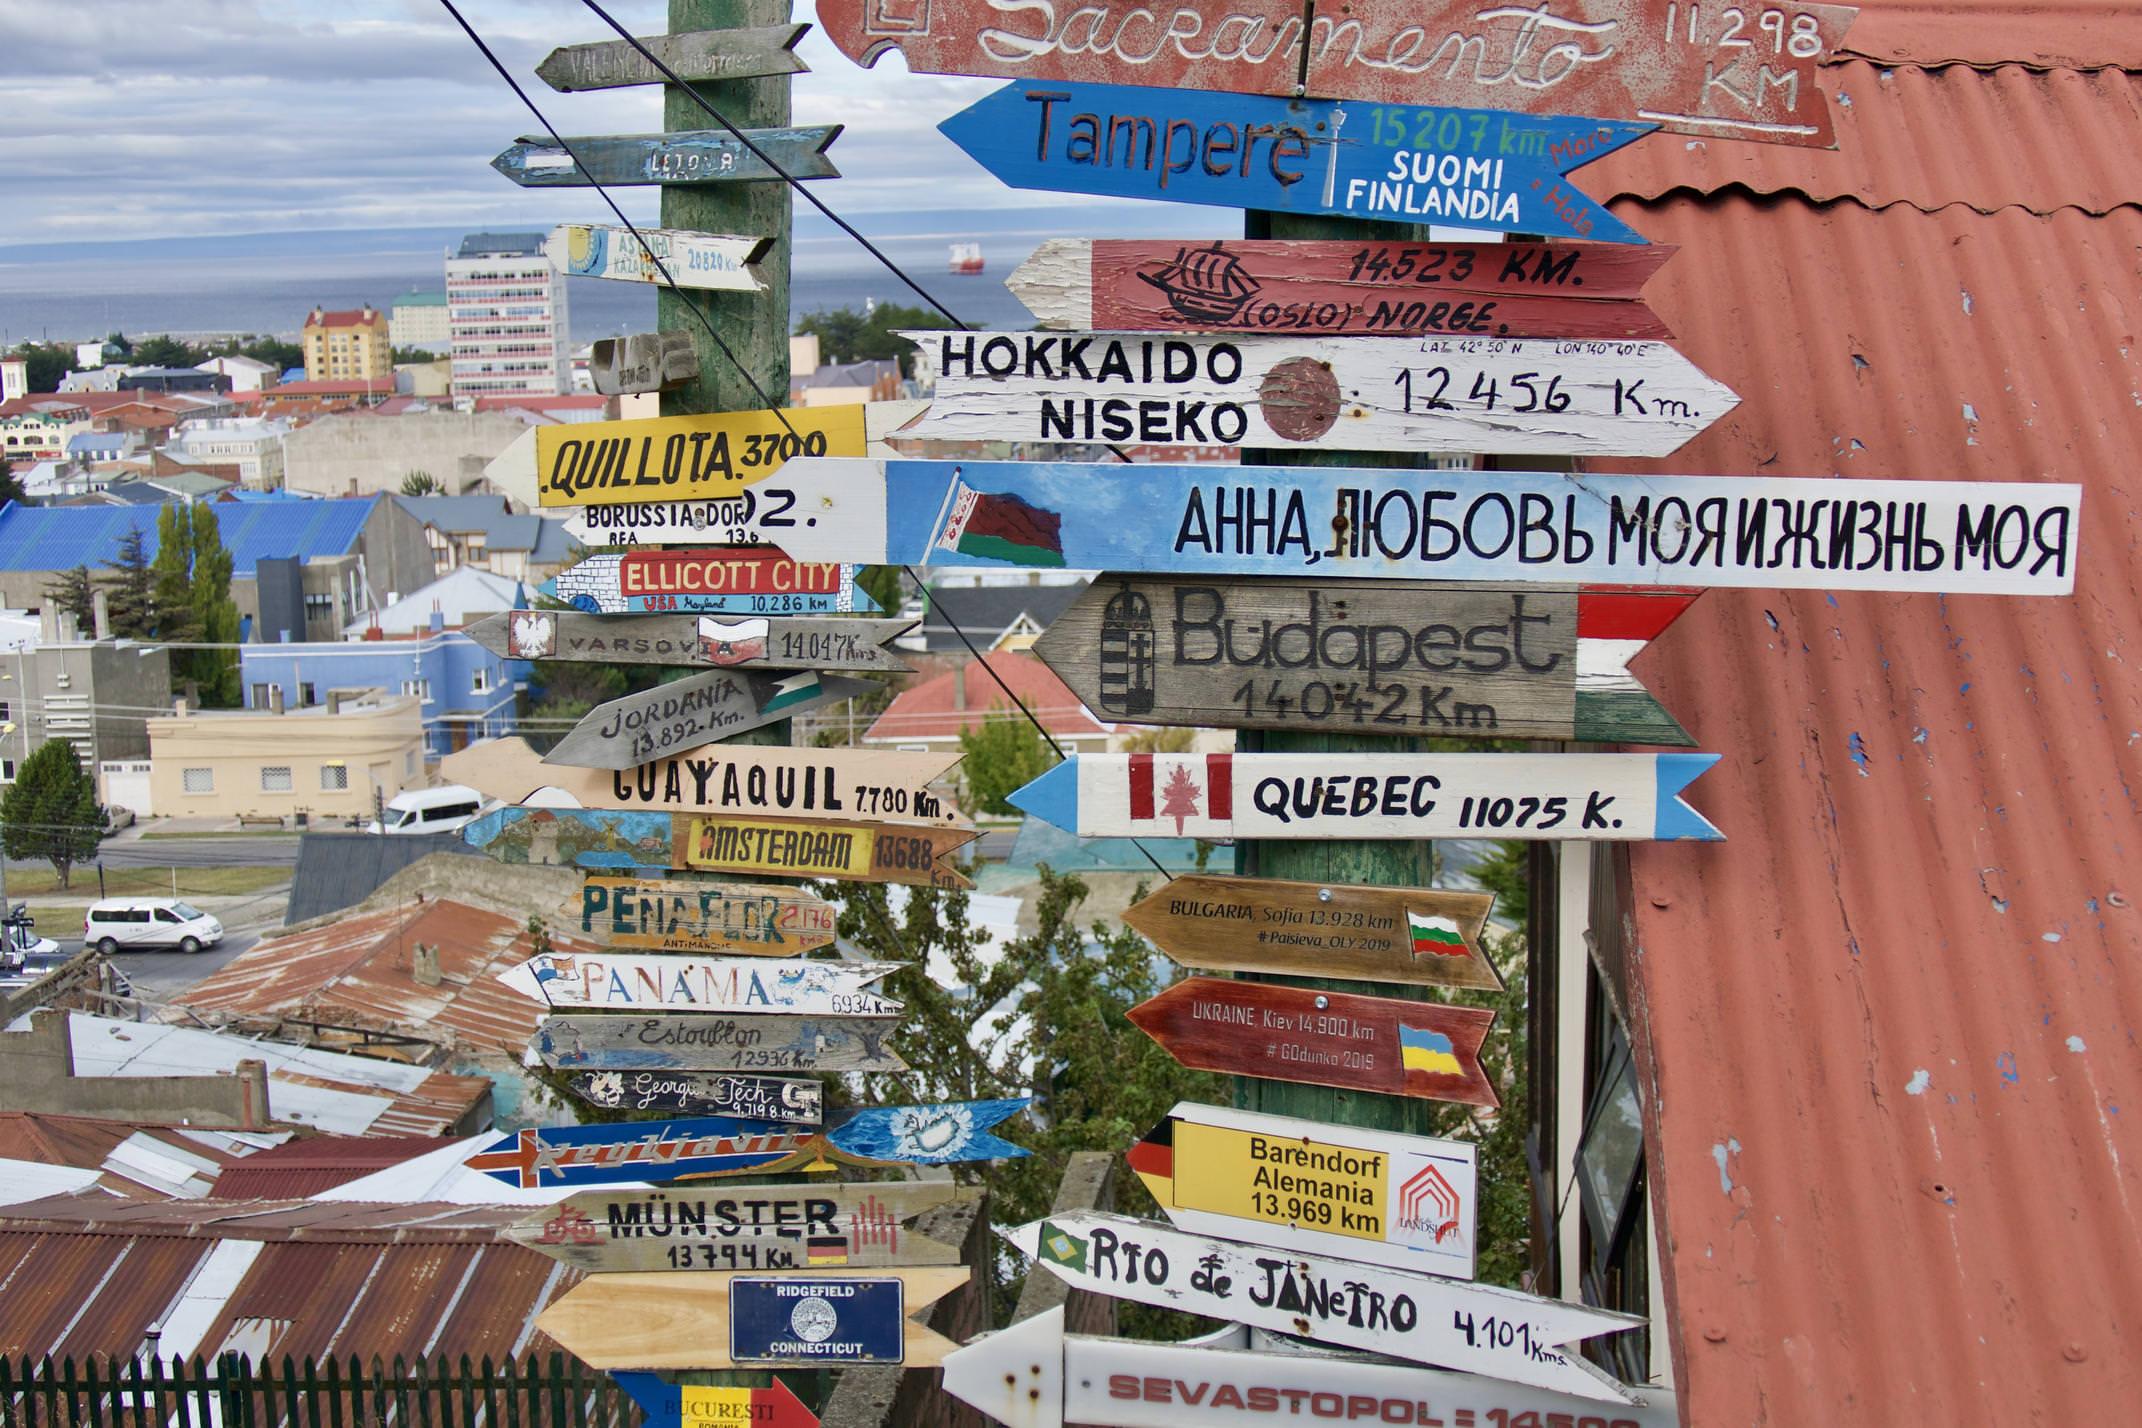 Chile punta arenas signs c pura aventura thomas power P1320589